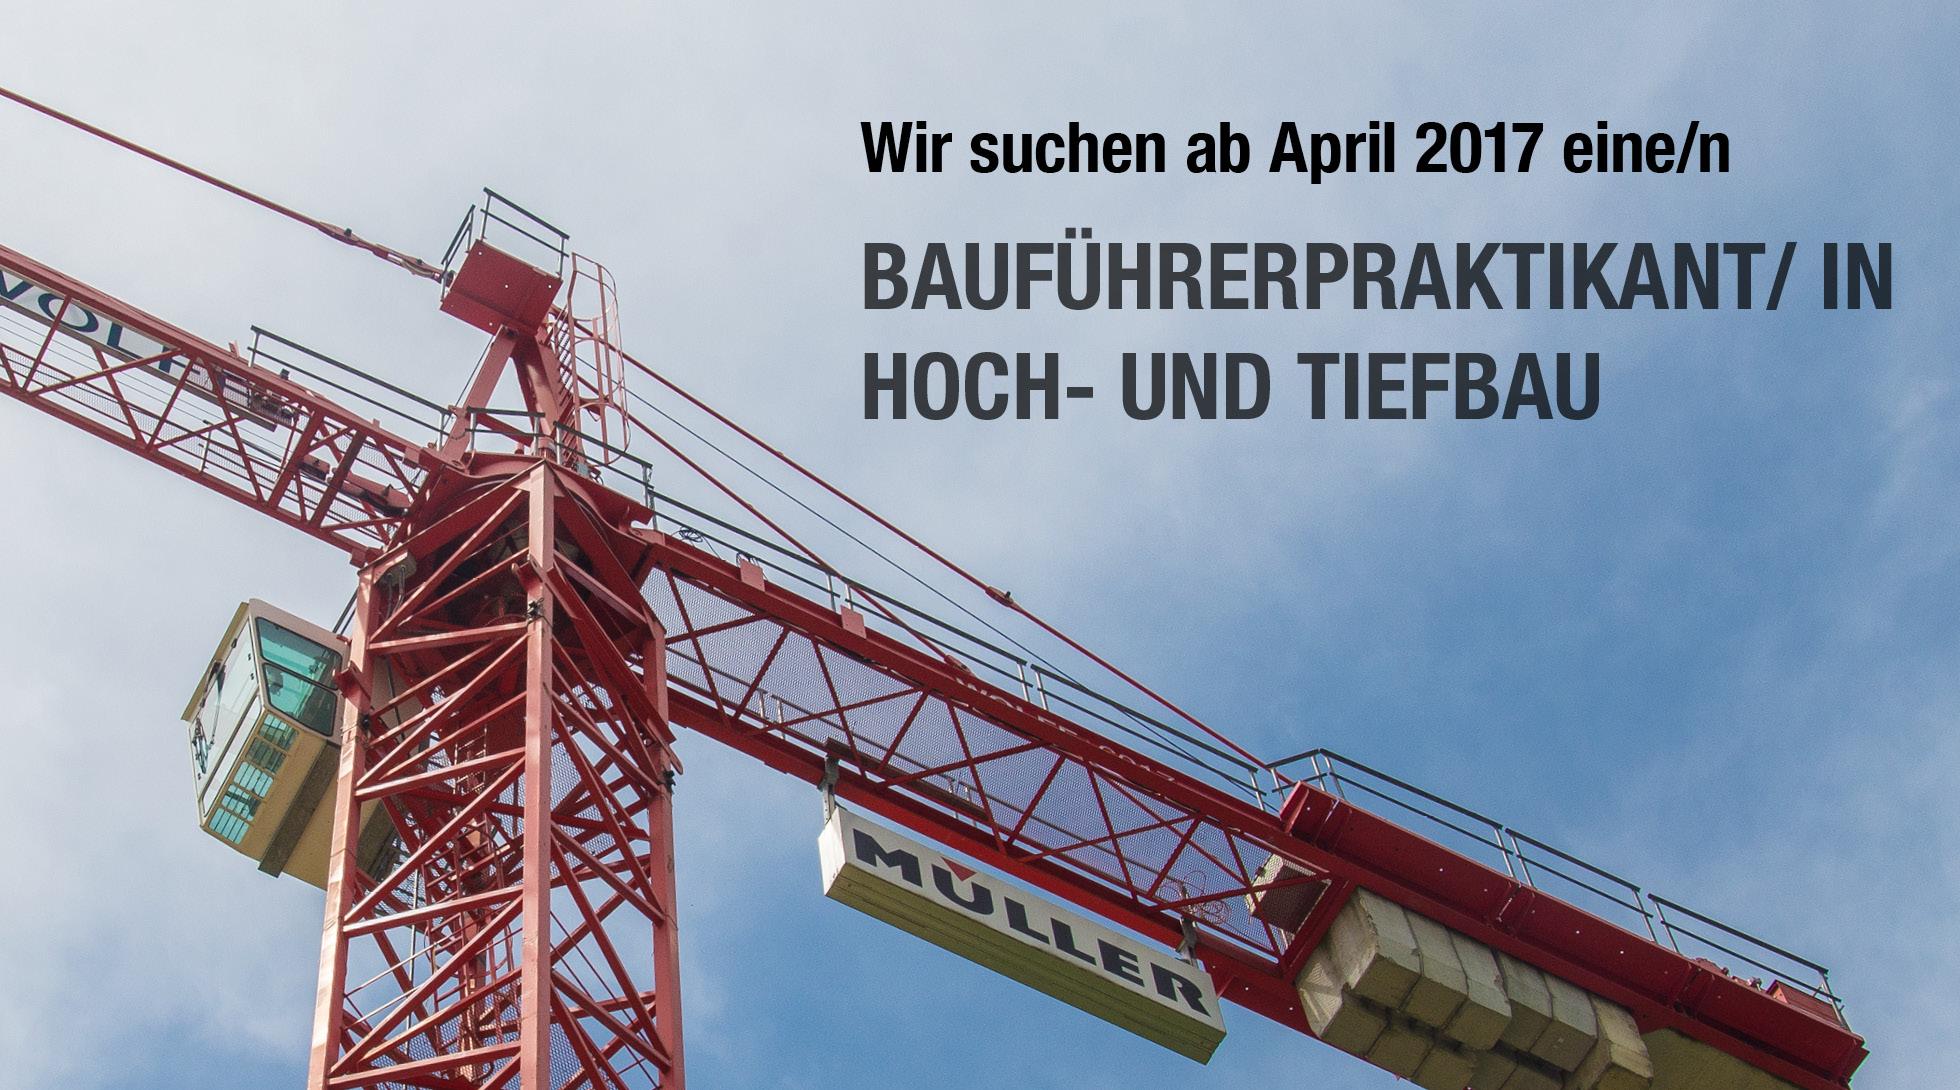 Gesucht: Bauführerpraktikant/ in Hoch- und Tiefbau